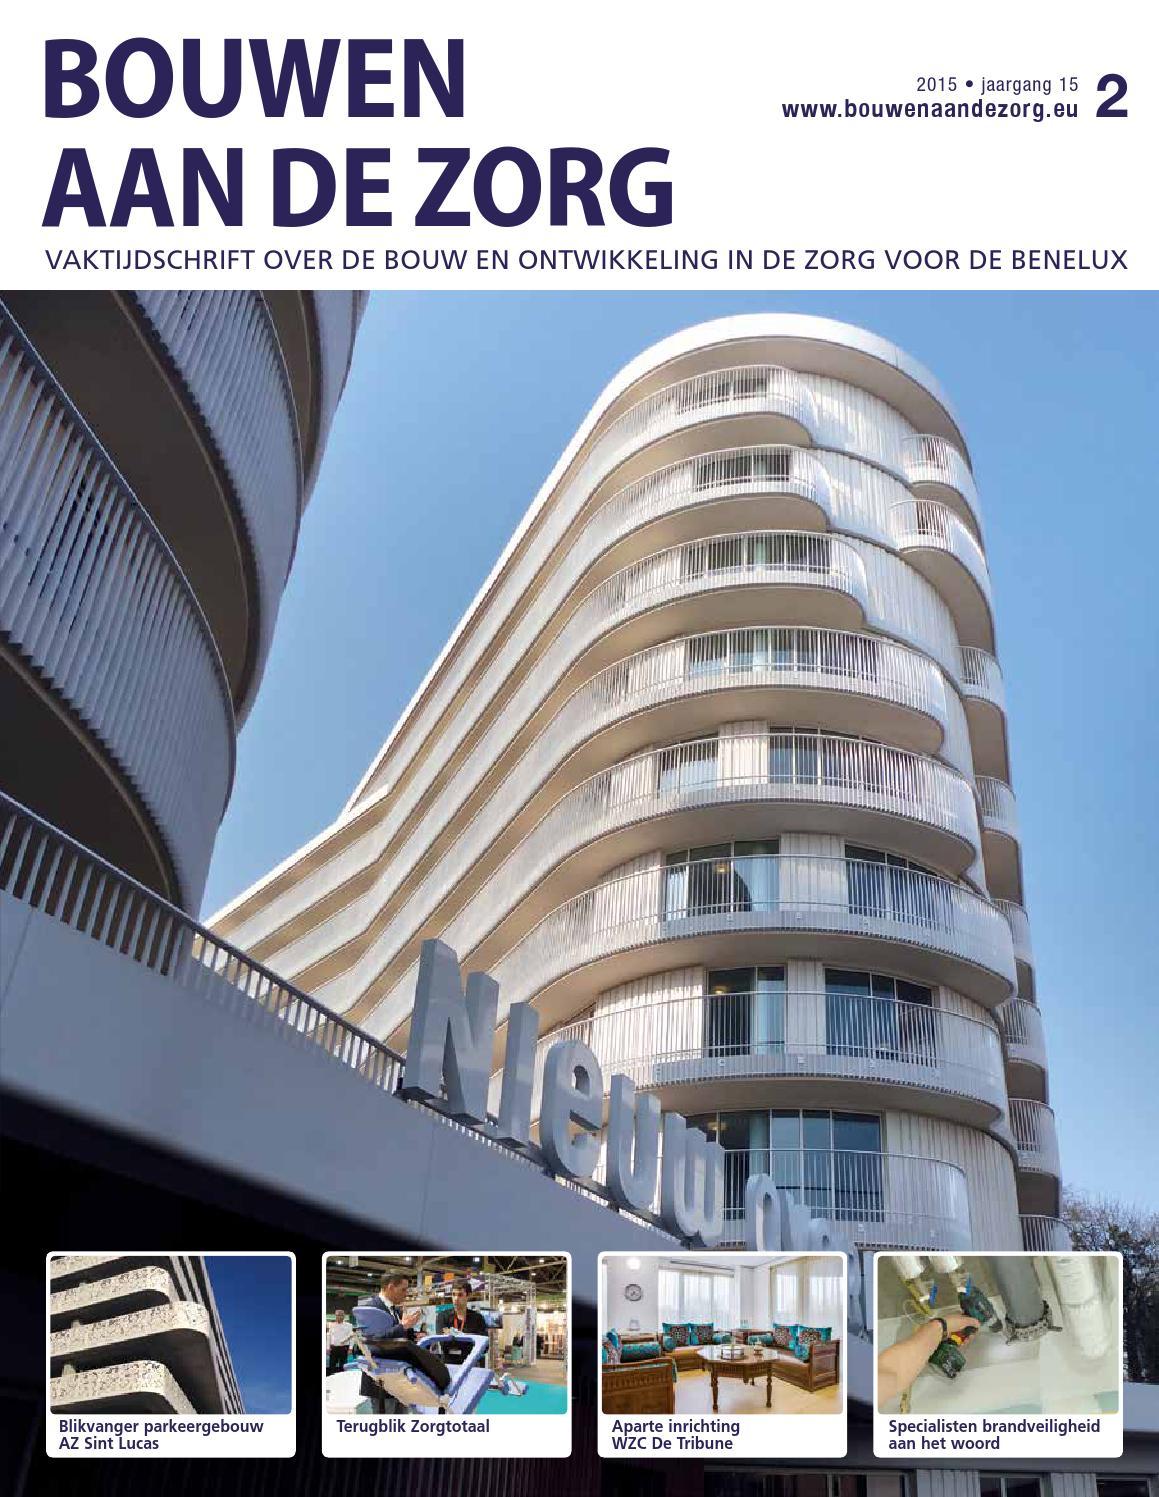 Bouwen aan de Zorg 03 2014 by Louwers Uitgeversorganisatie BV - issuu